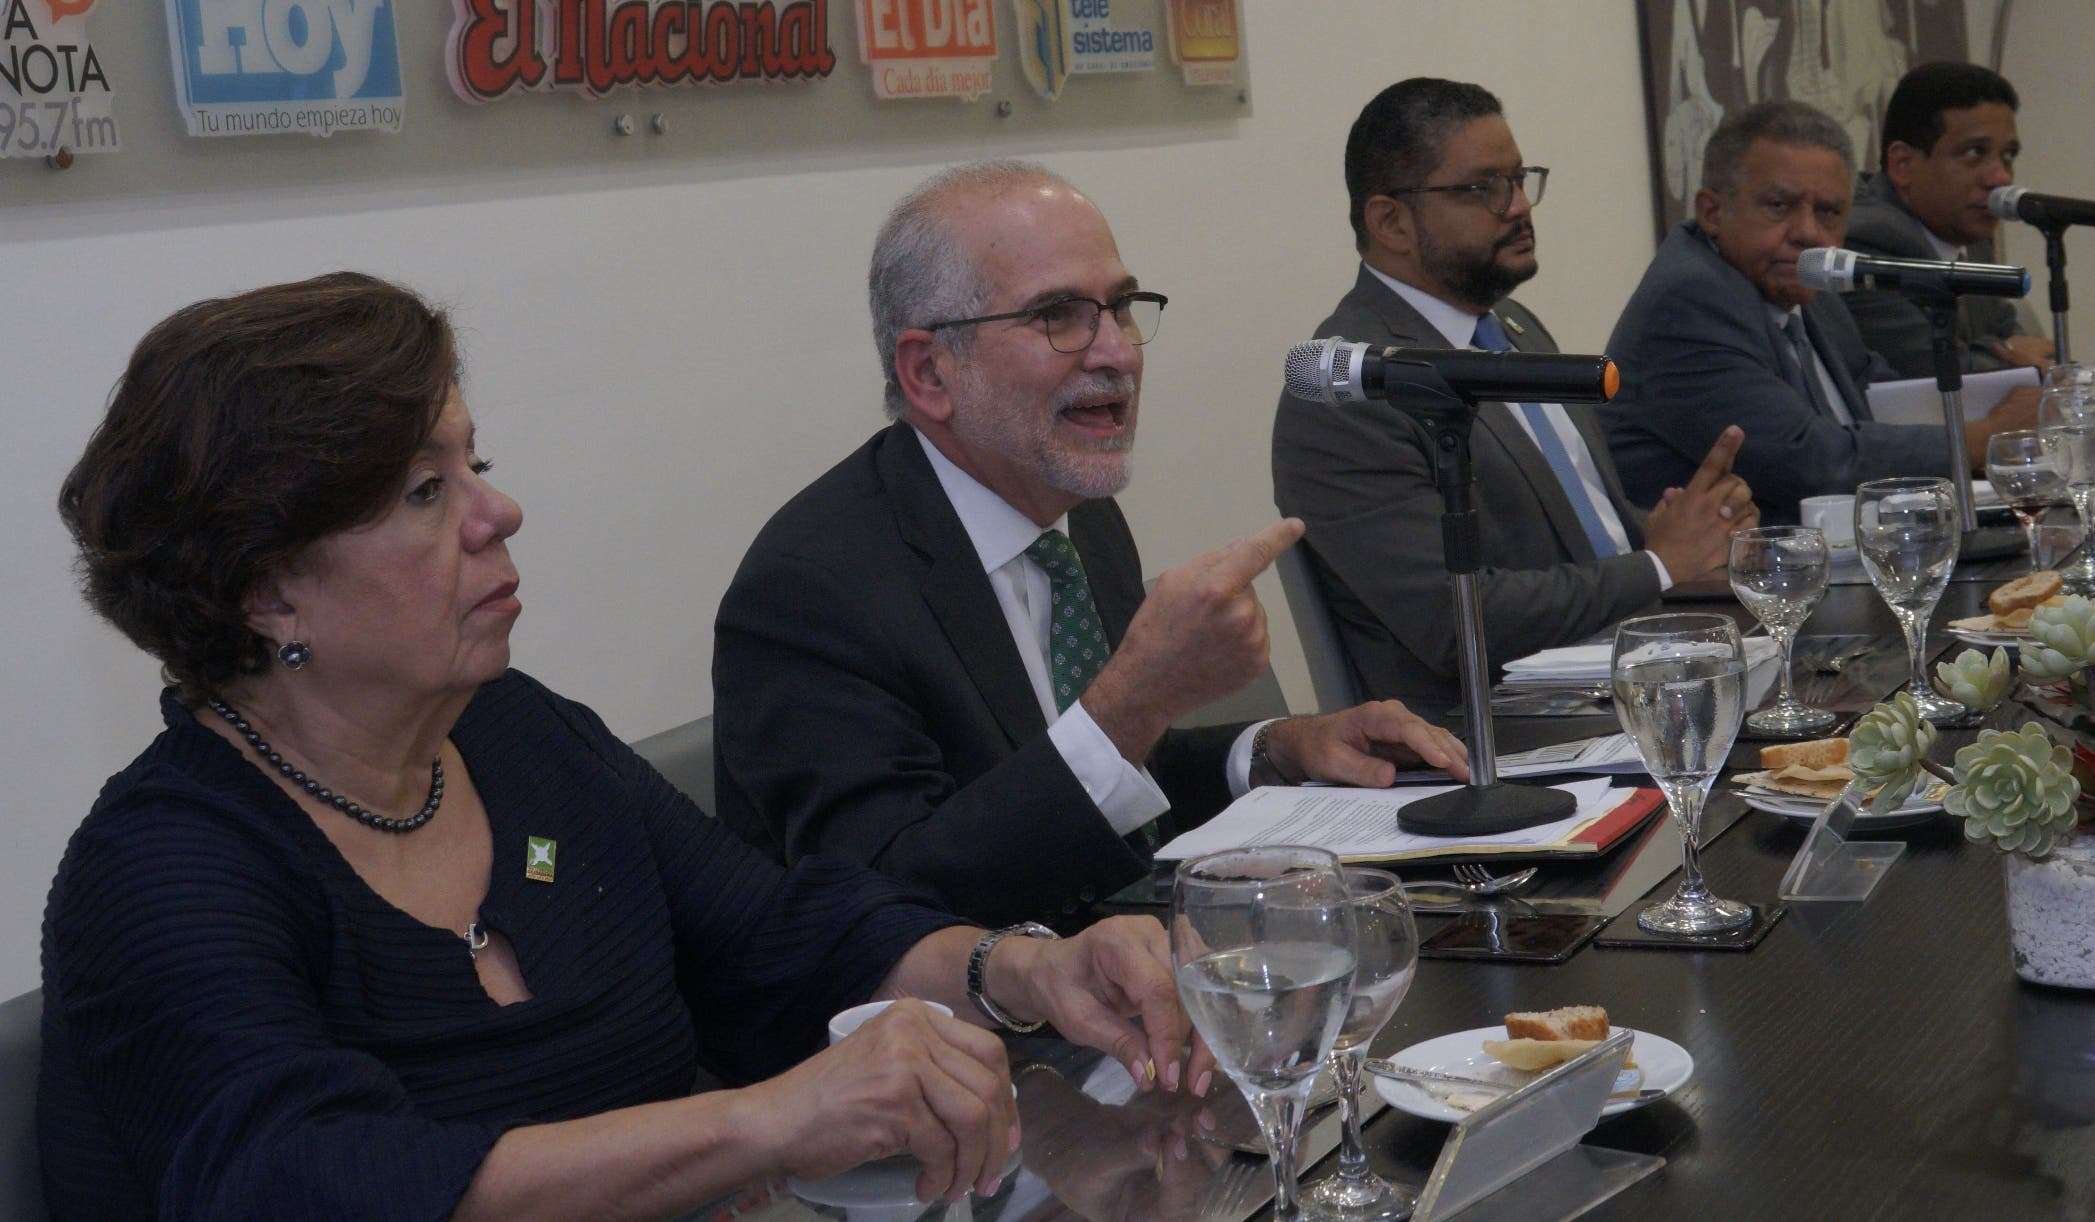 Miriam Díaz, Francisco Álvarez,  Heiromy Castro, periodista Juan Bolívar Díaz y Carlos Pimentel durante su participación en el almuerzo.  AGENCIA FOTO